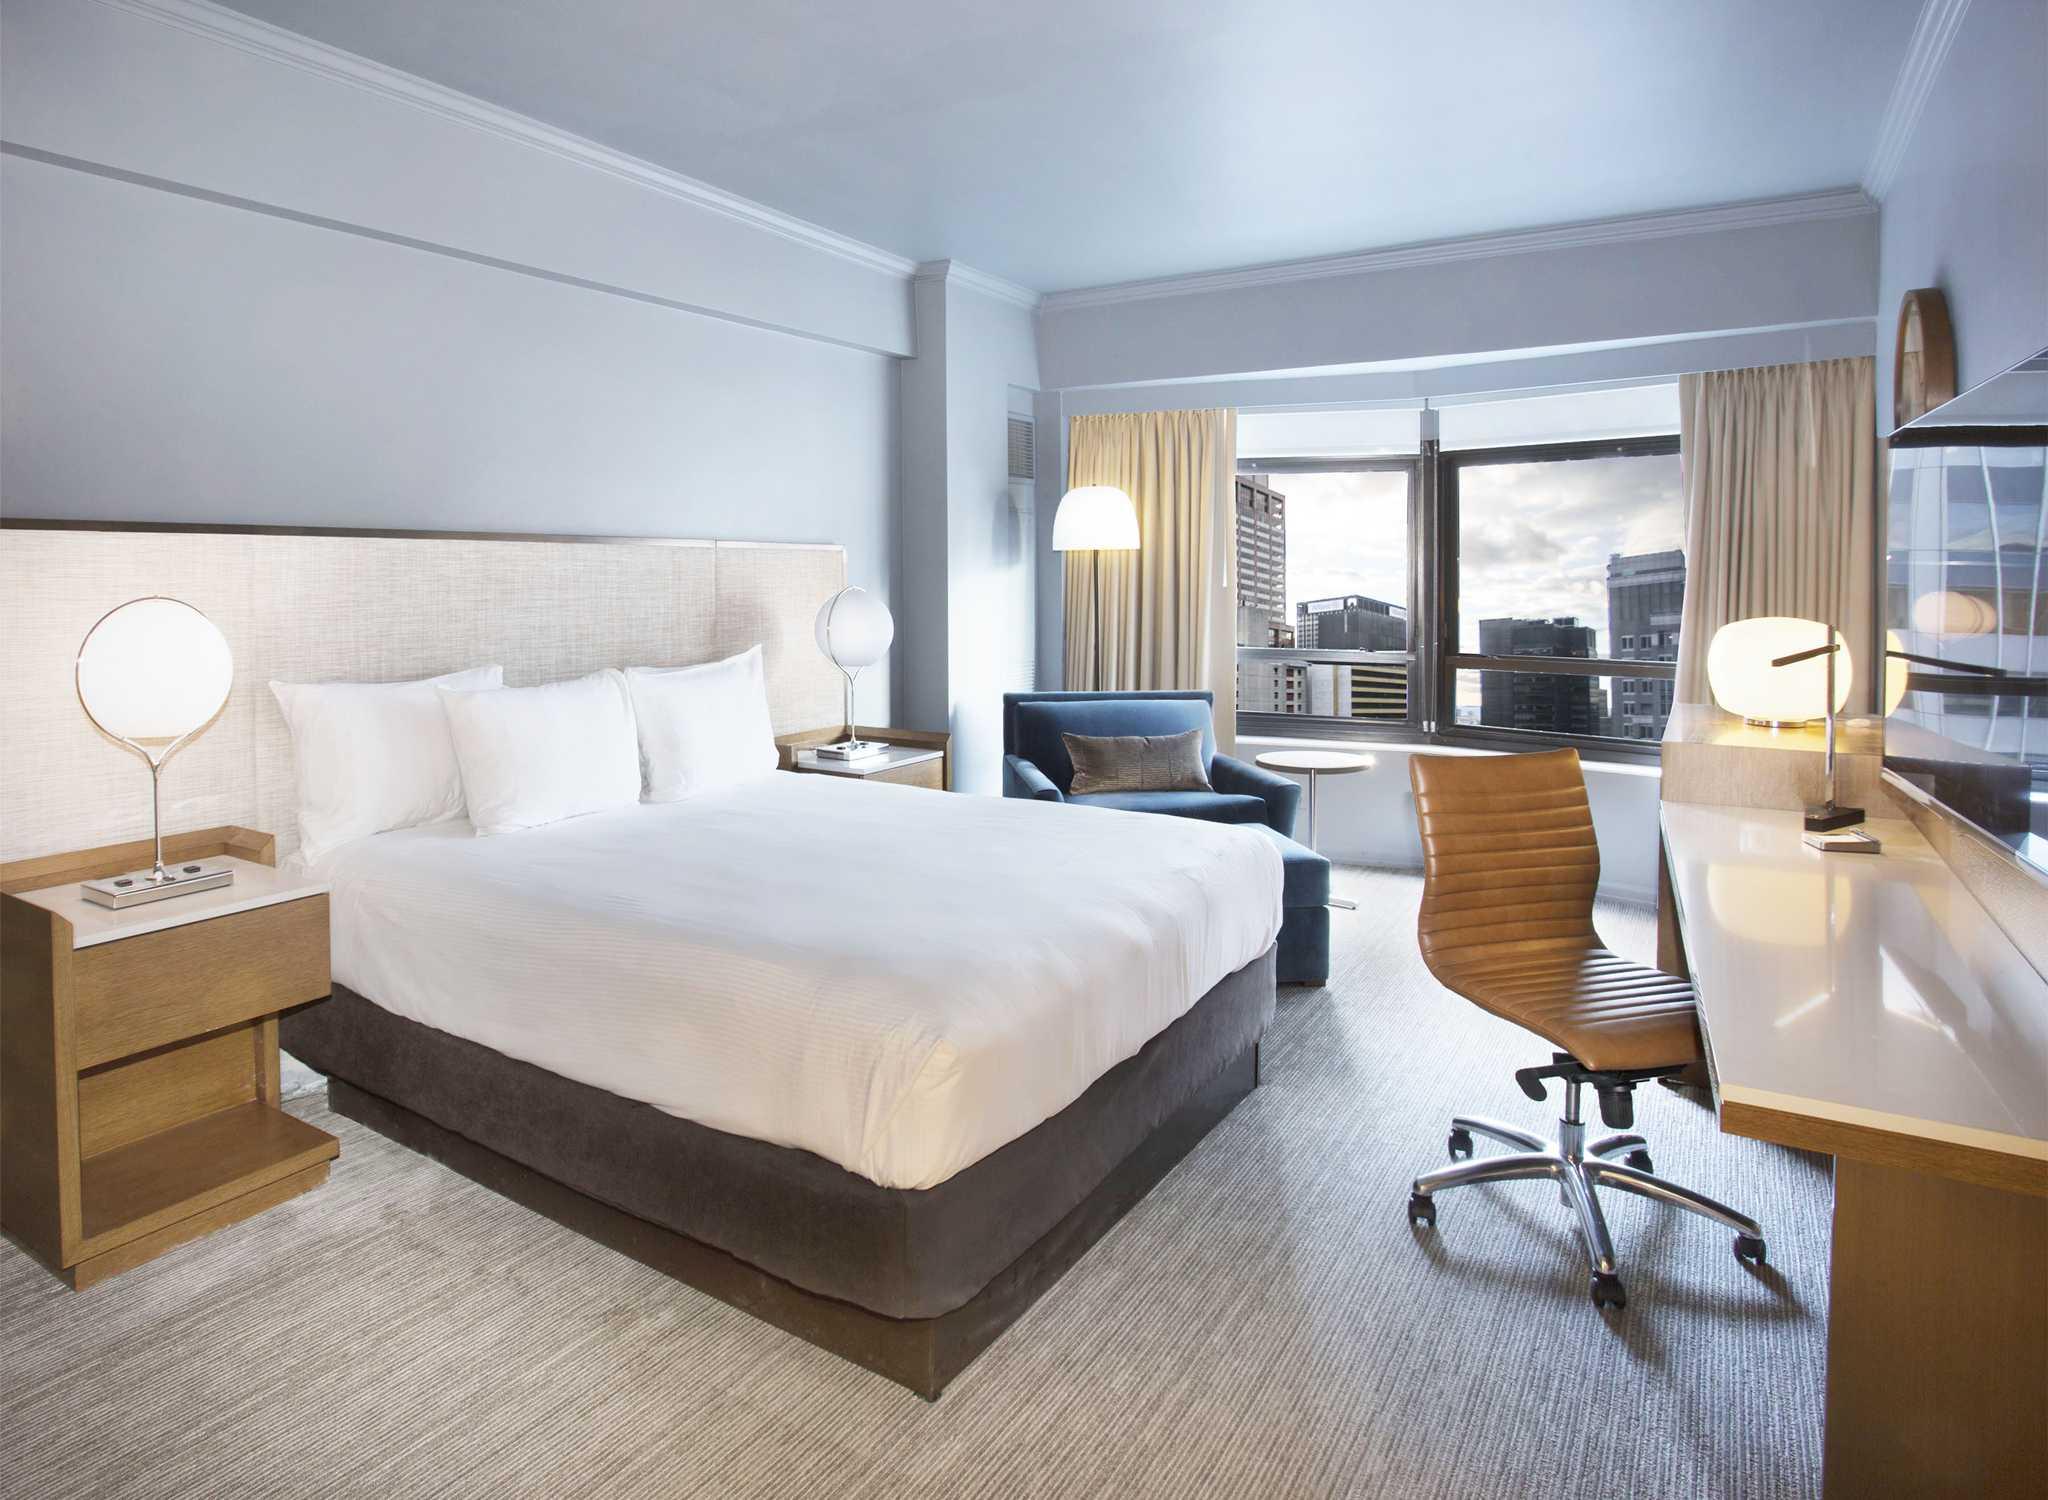 Hilton worldwide hotels & resorts   verenigde staten